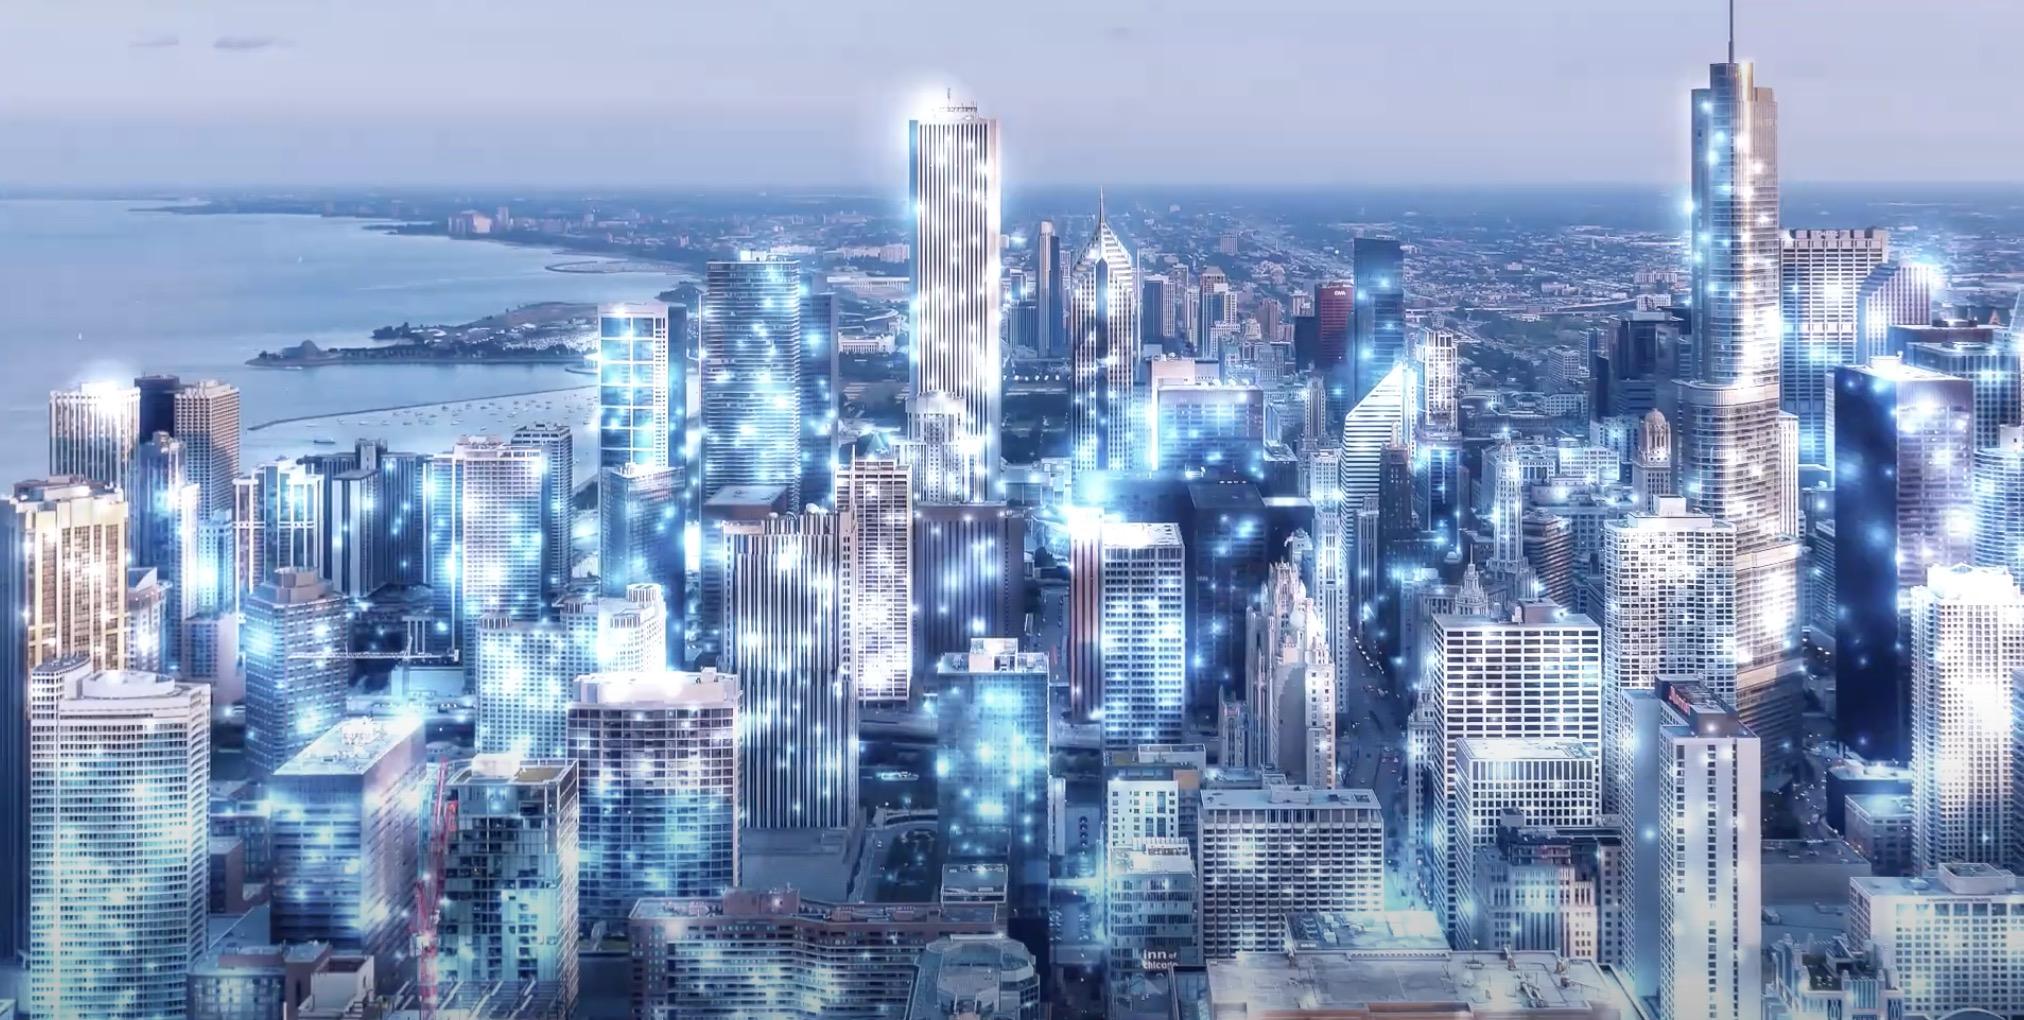 Samsung Link Cell - sposób na szybką sieć 5G wewnątrz budynków